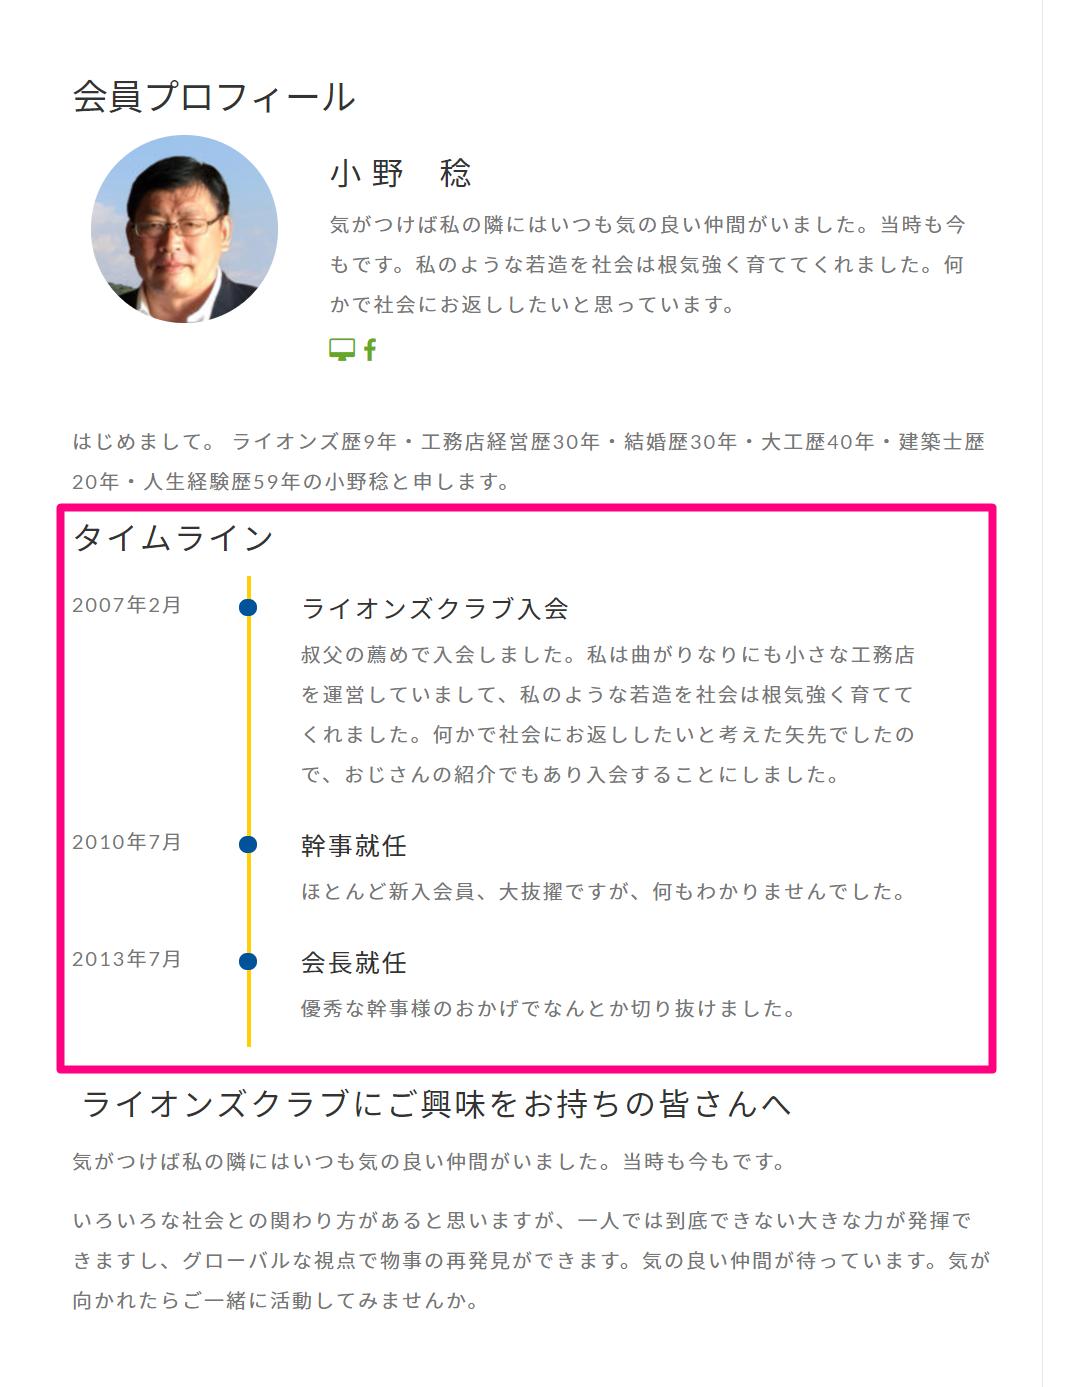 メンバー編集10